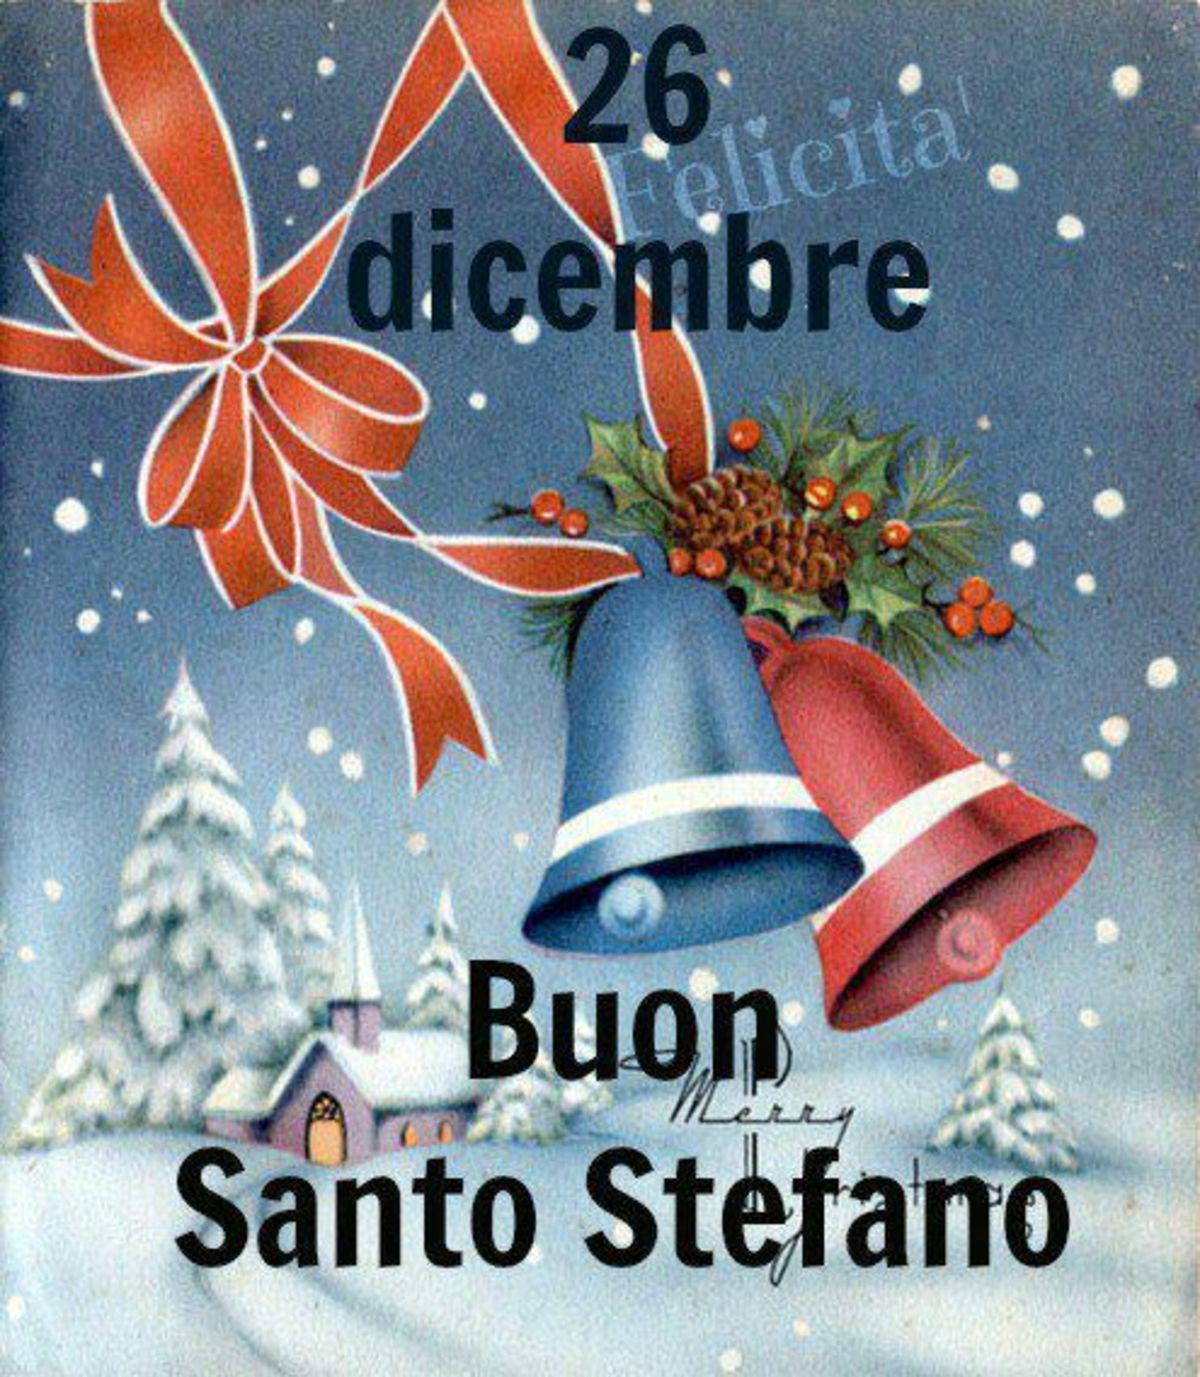 26 Dicembre Auguri di Santo Stefano